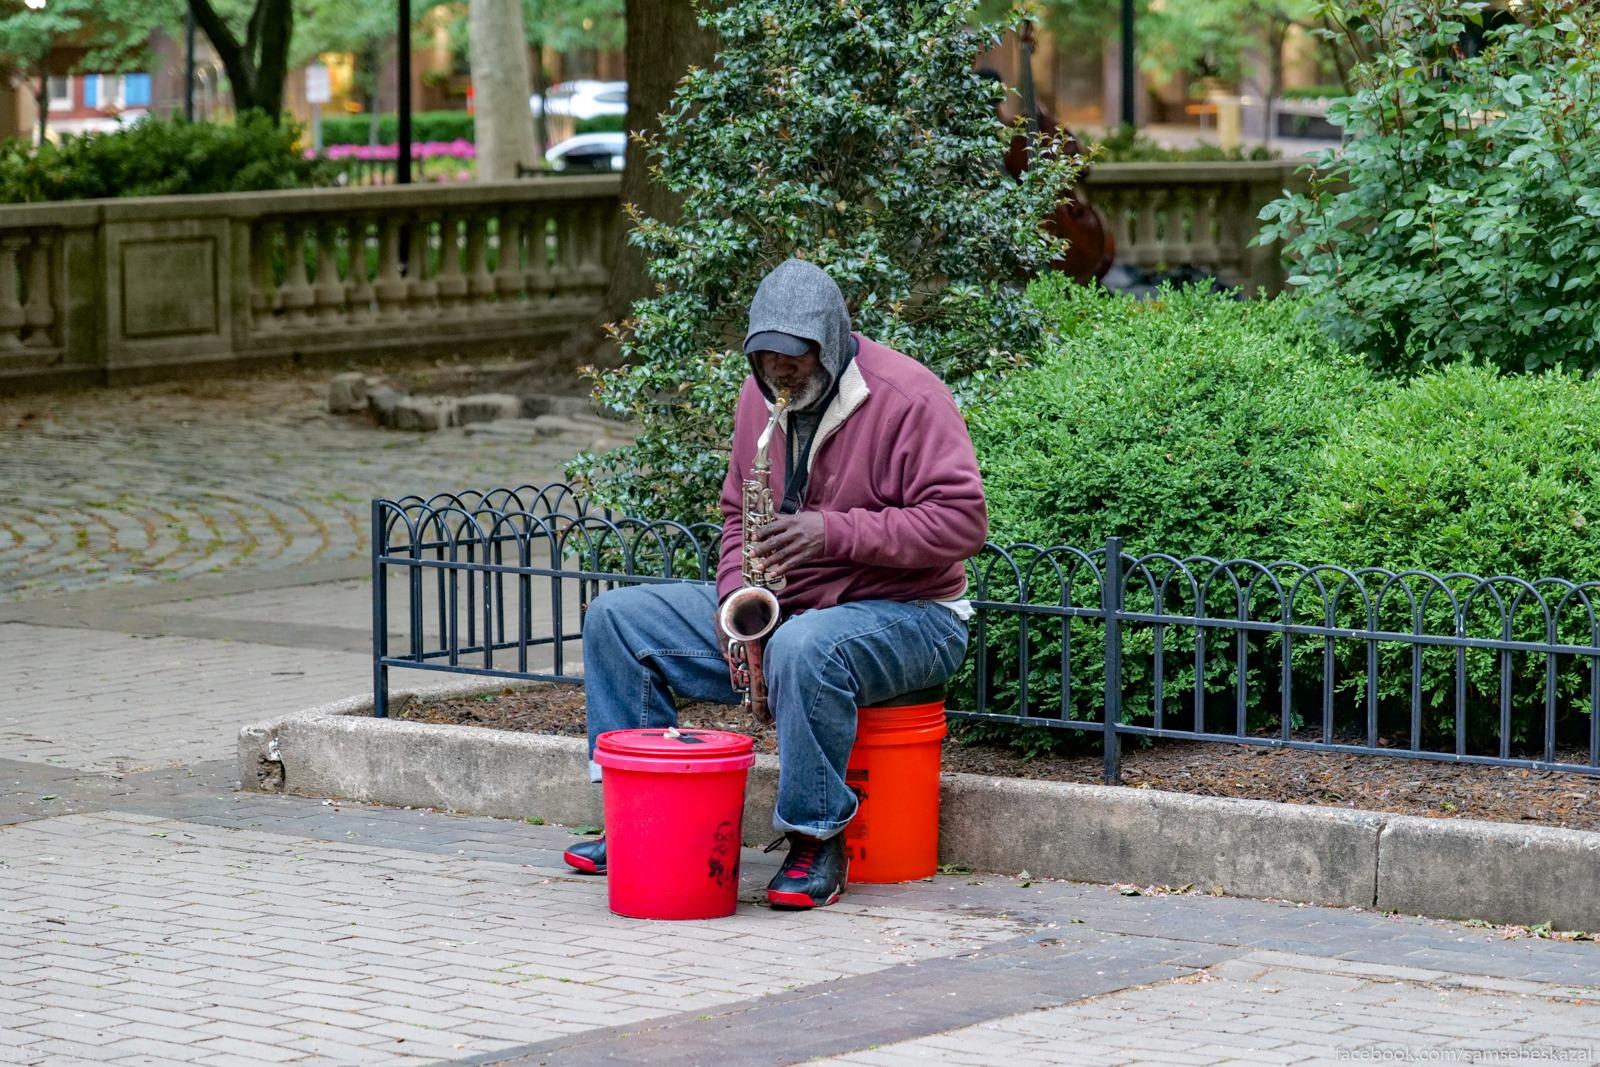 Saksofonist v parke.